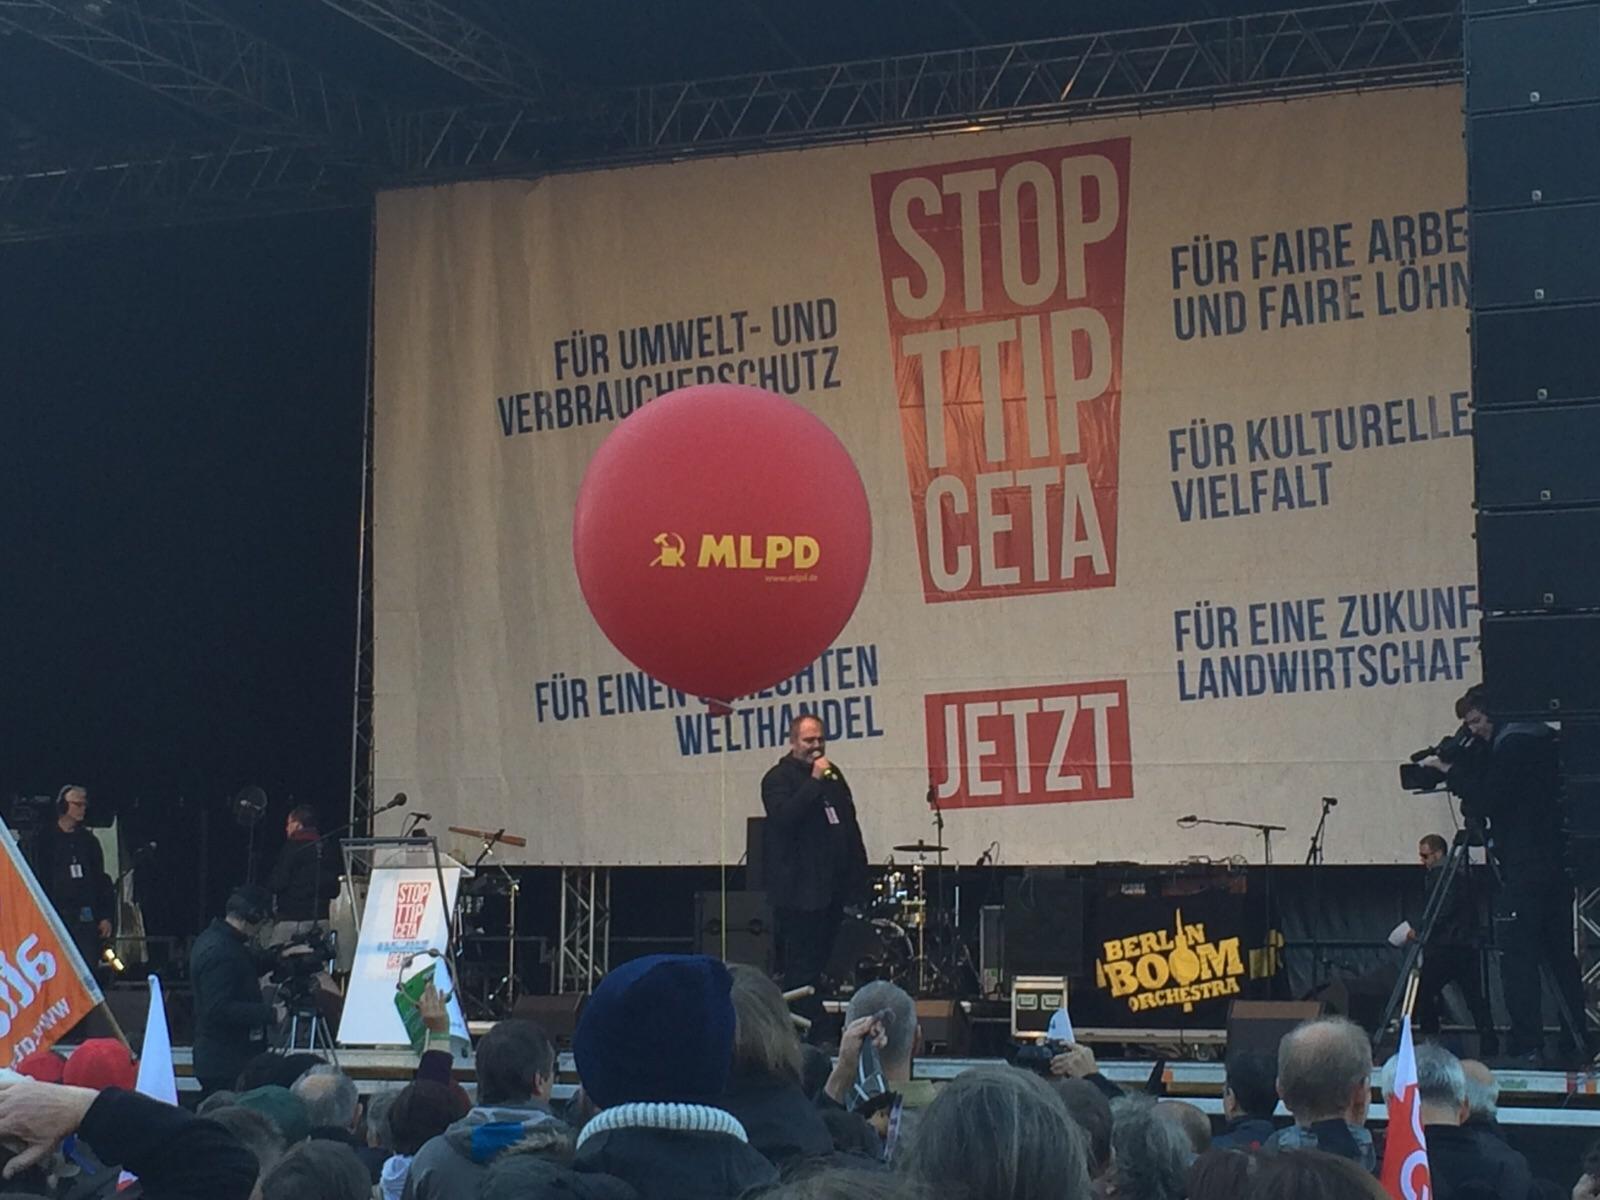 250.000 demonstrierten gegen TTIP in Berlin – die MLPD unübersehbar mitten drin